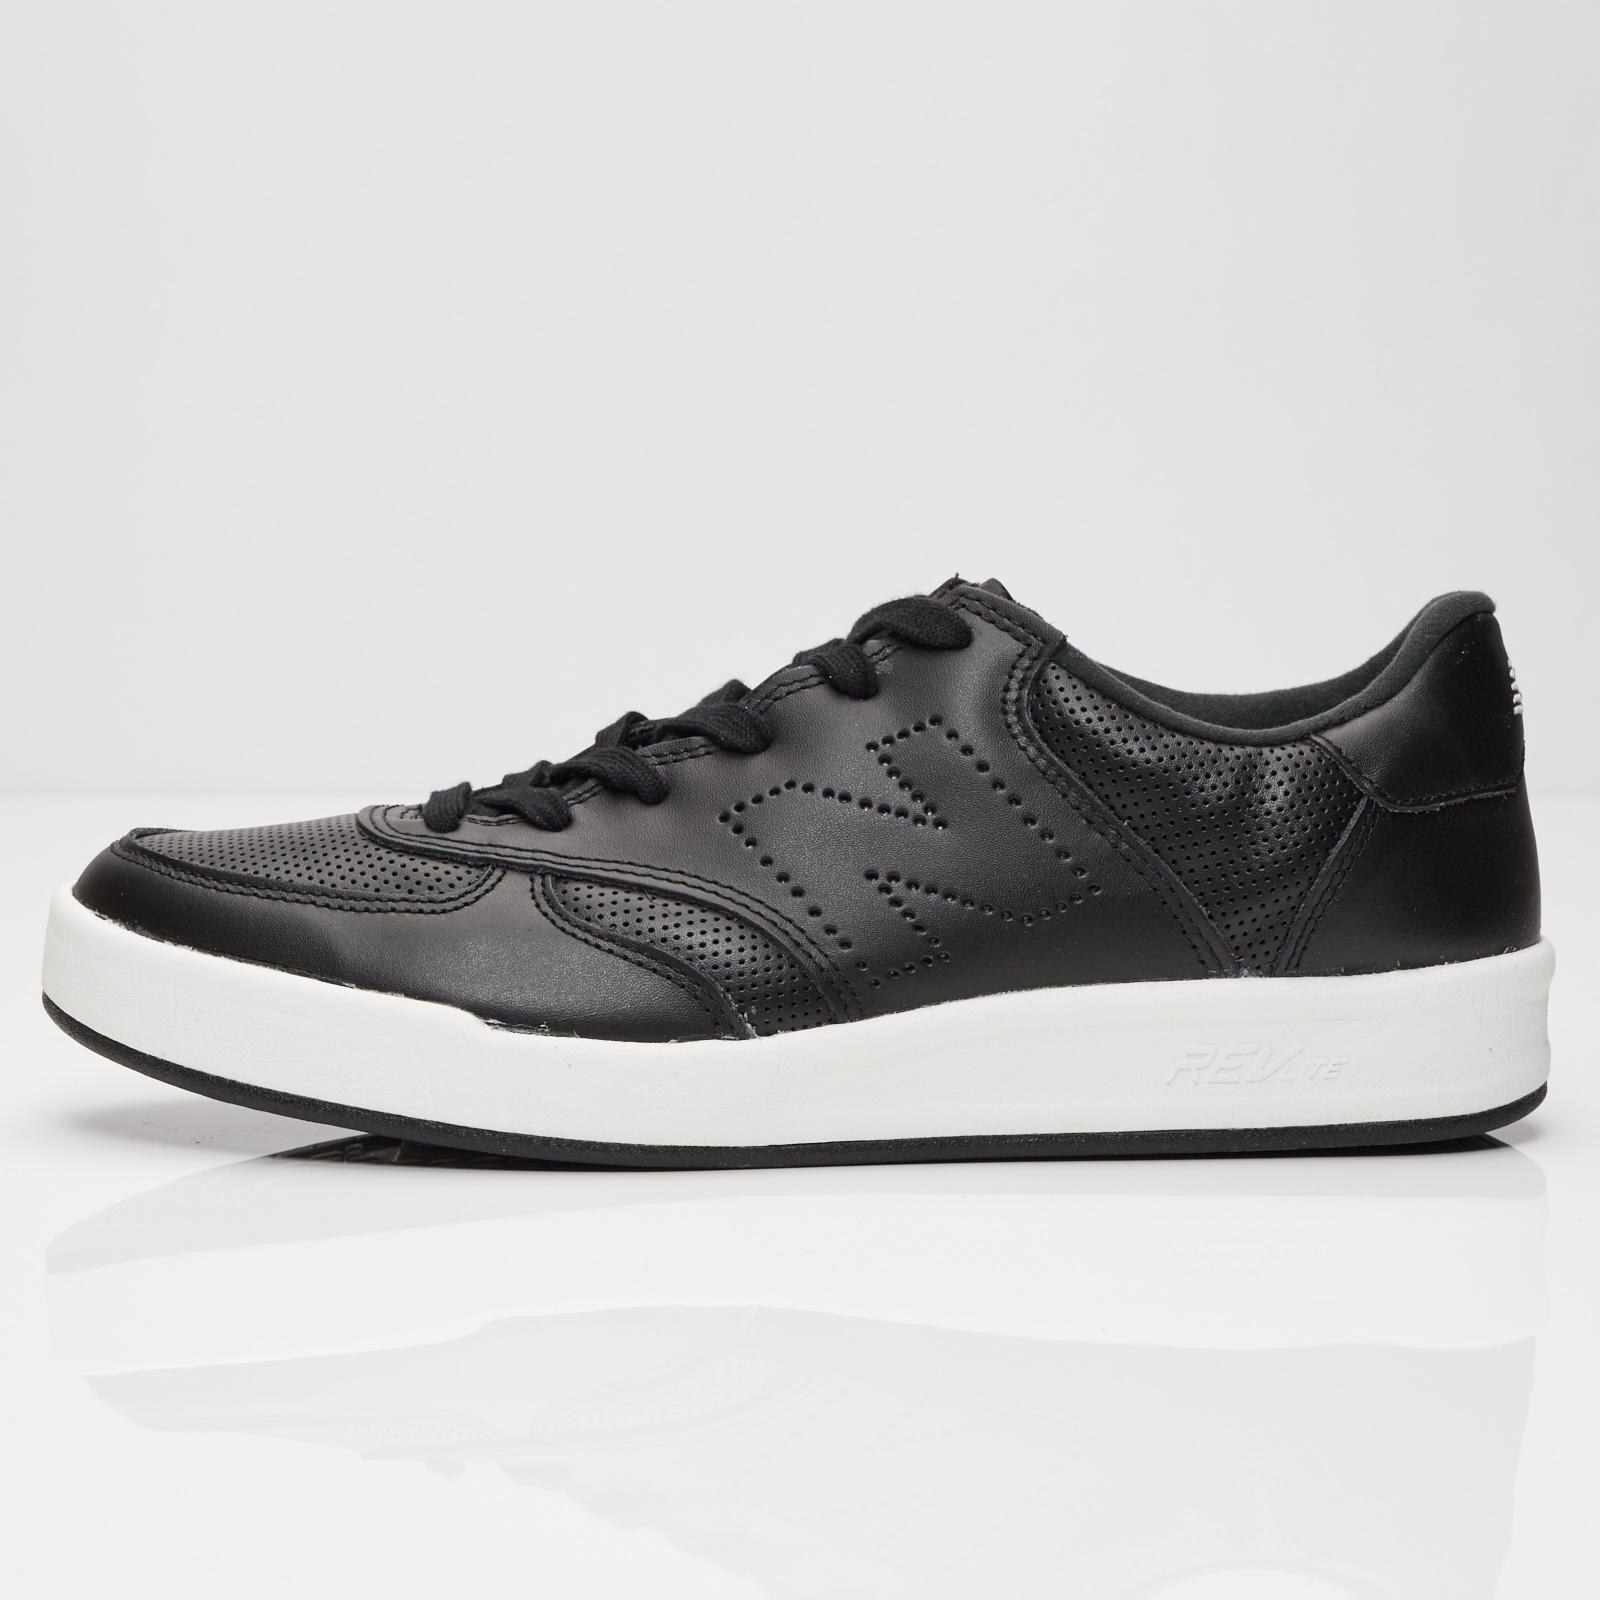 11b271e73 New Balance CRT300 - Crt300af - Sneakersnstuff